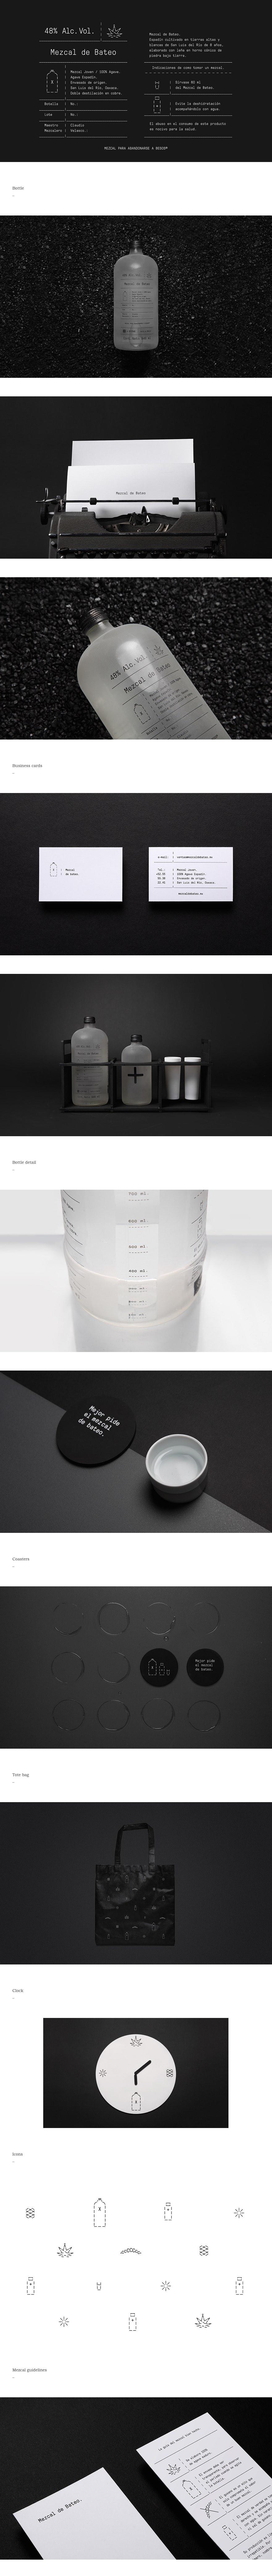 Mezcal de Bateo by Futura